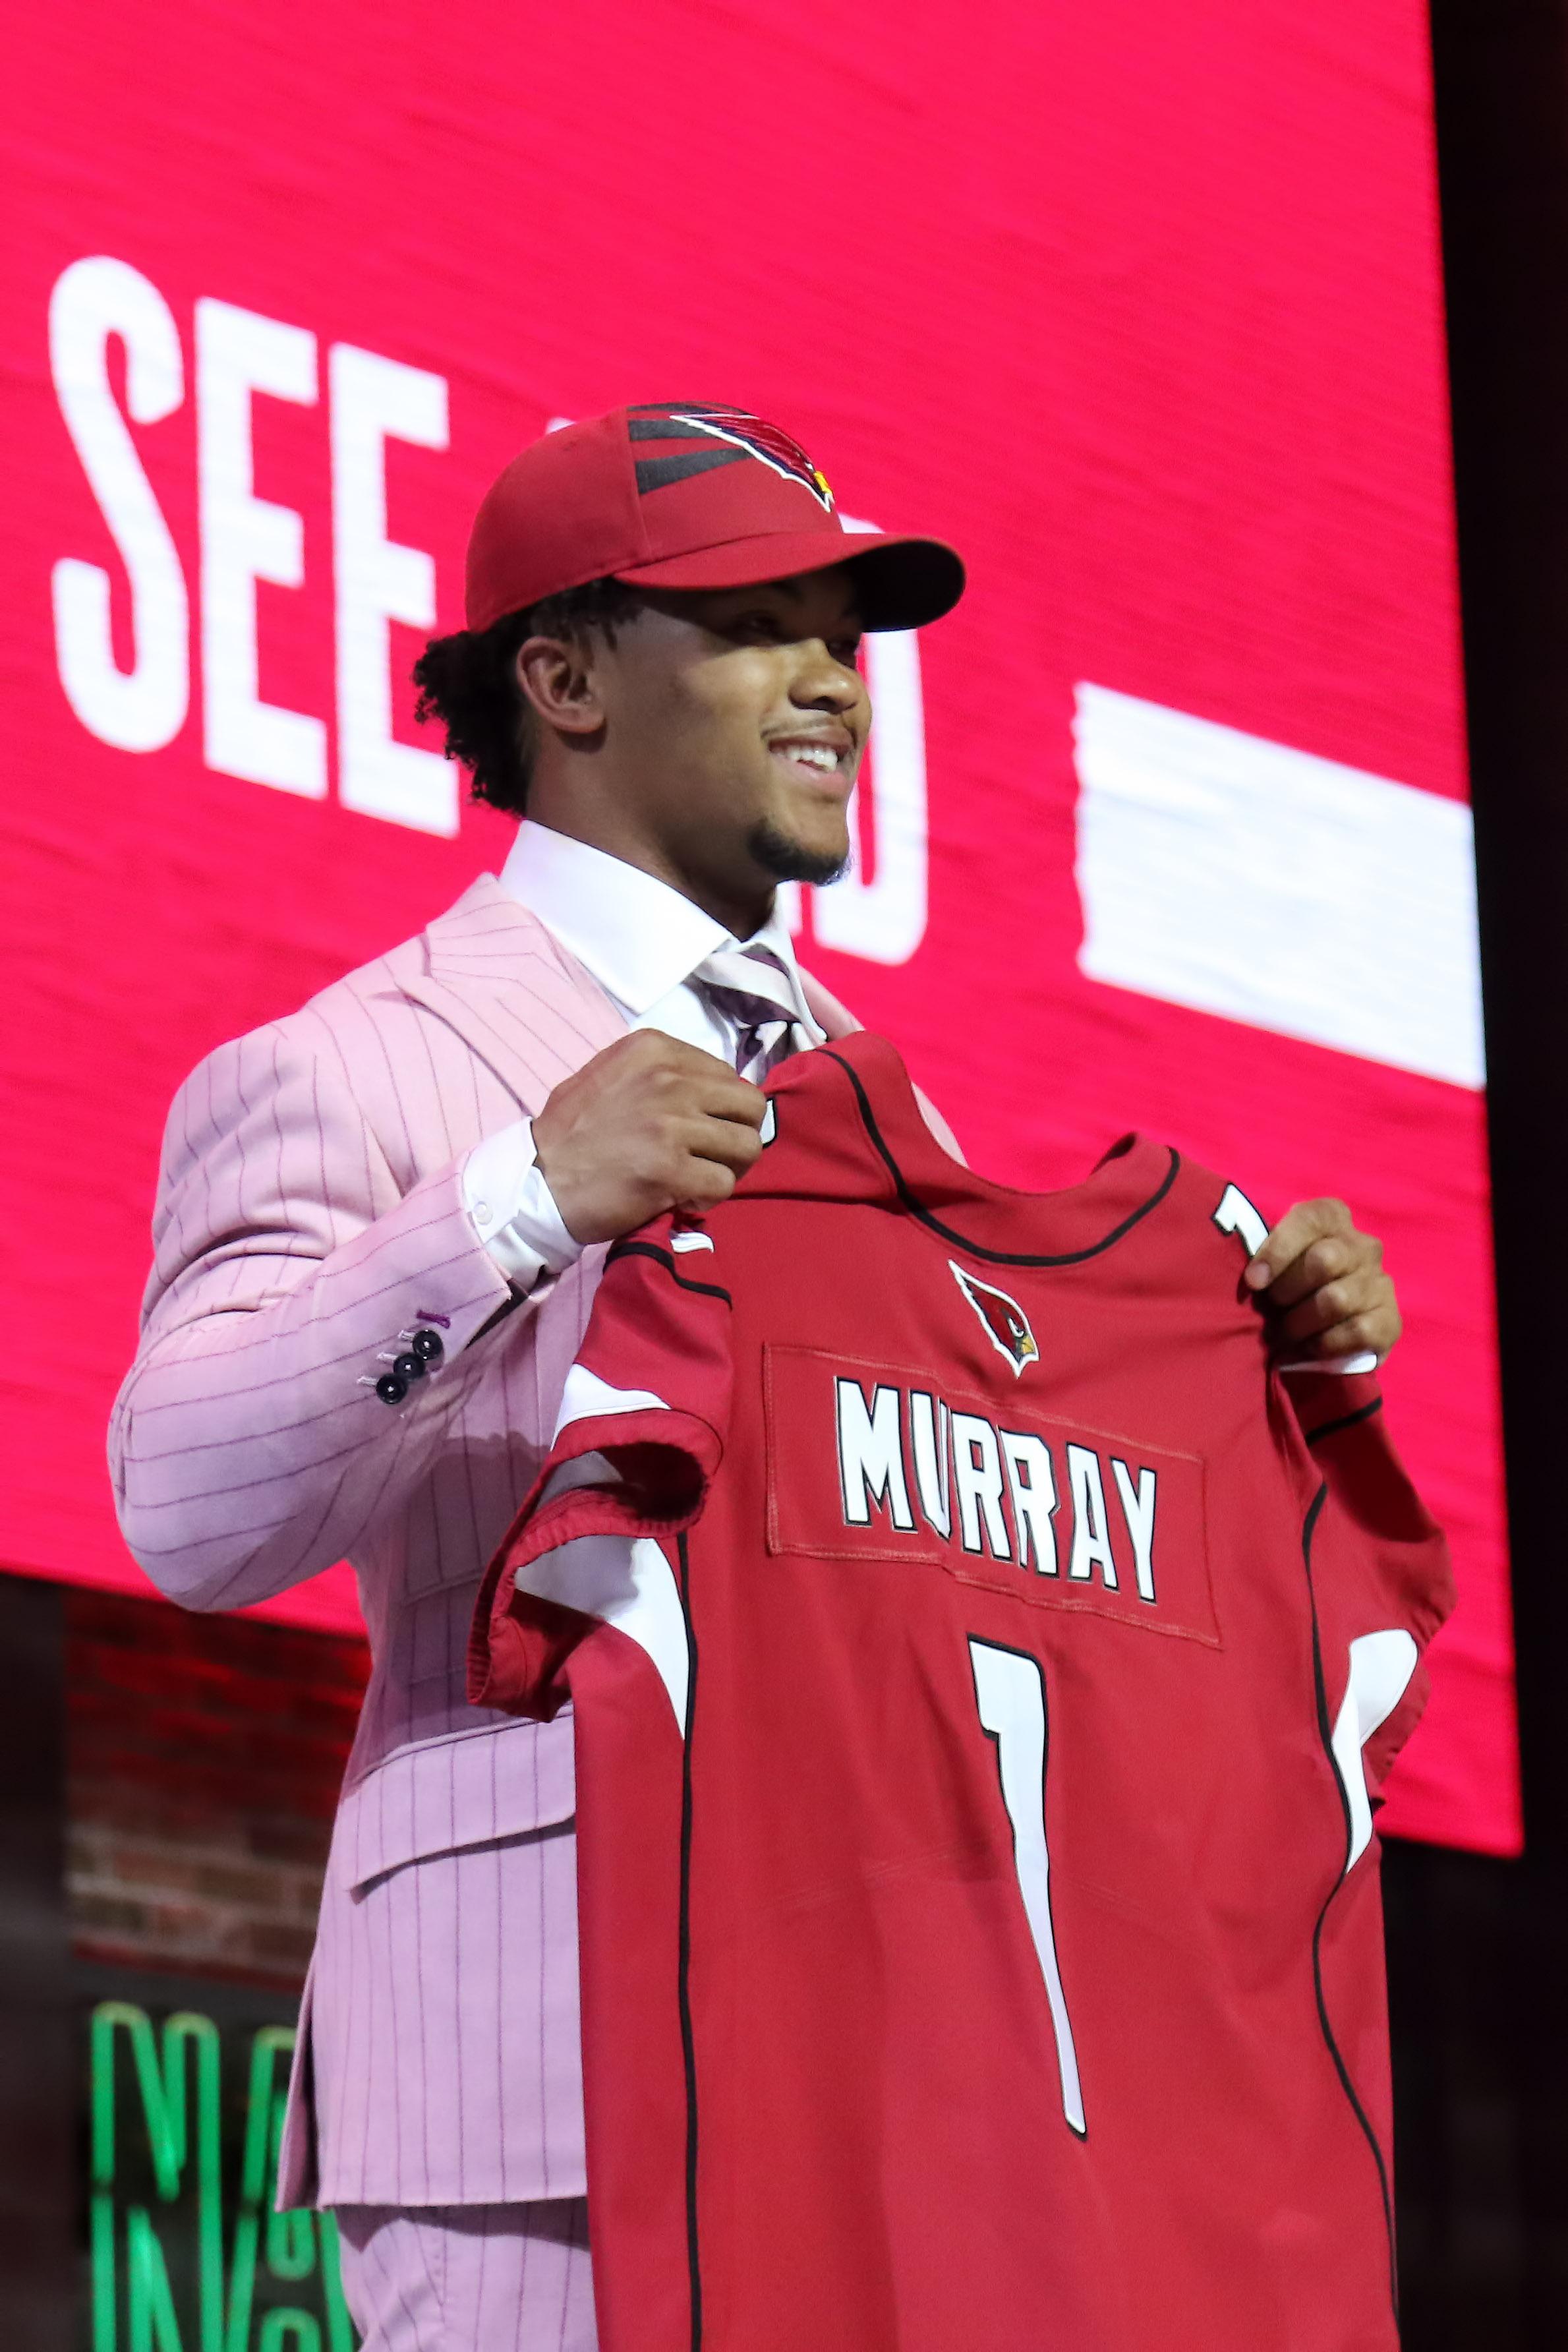 NFL: APR 25 2019 NFL Draft